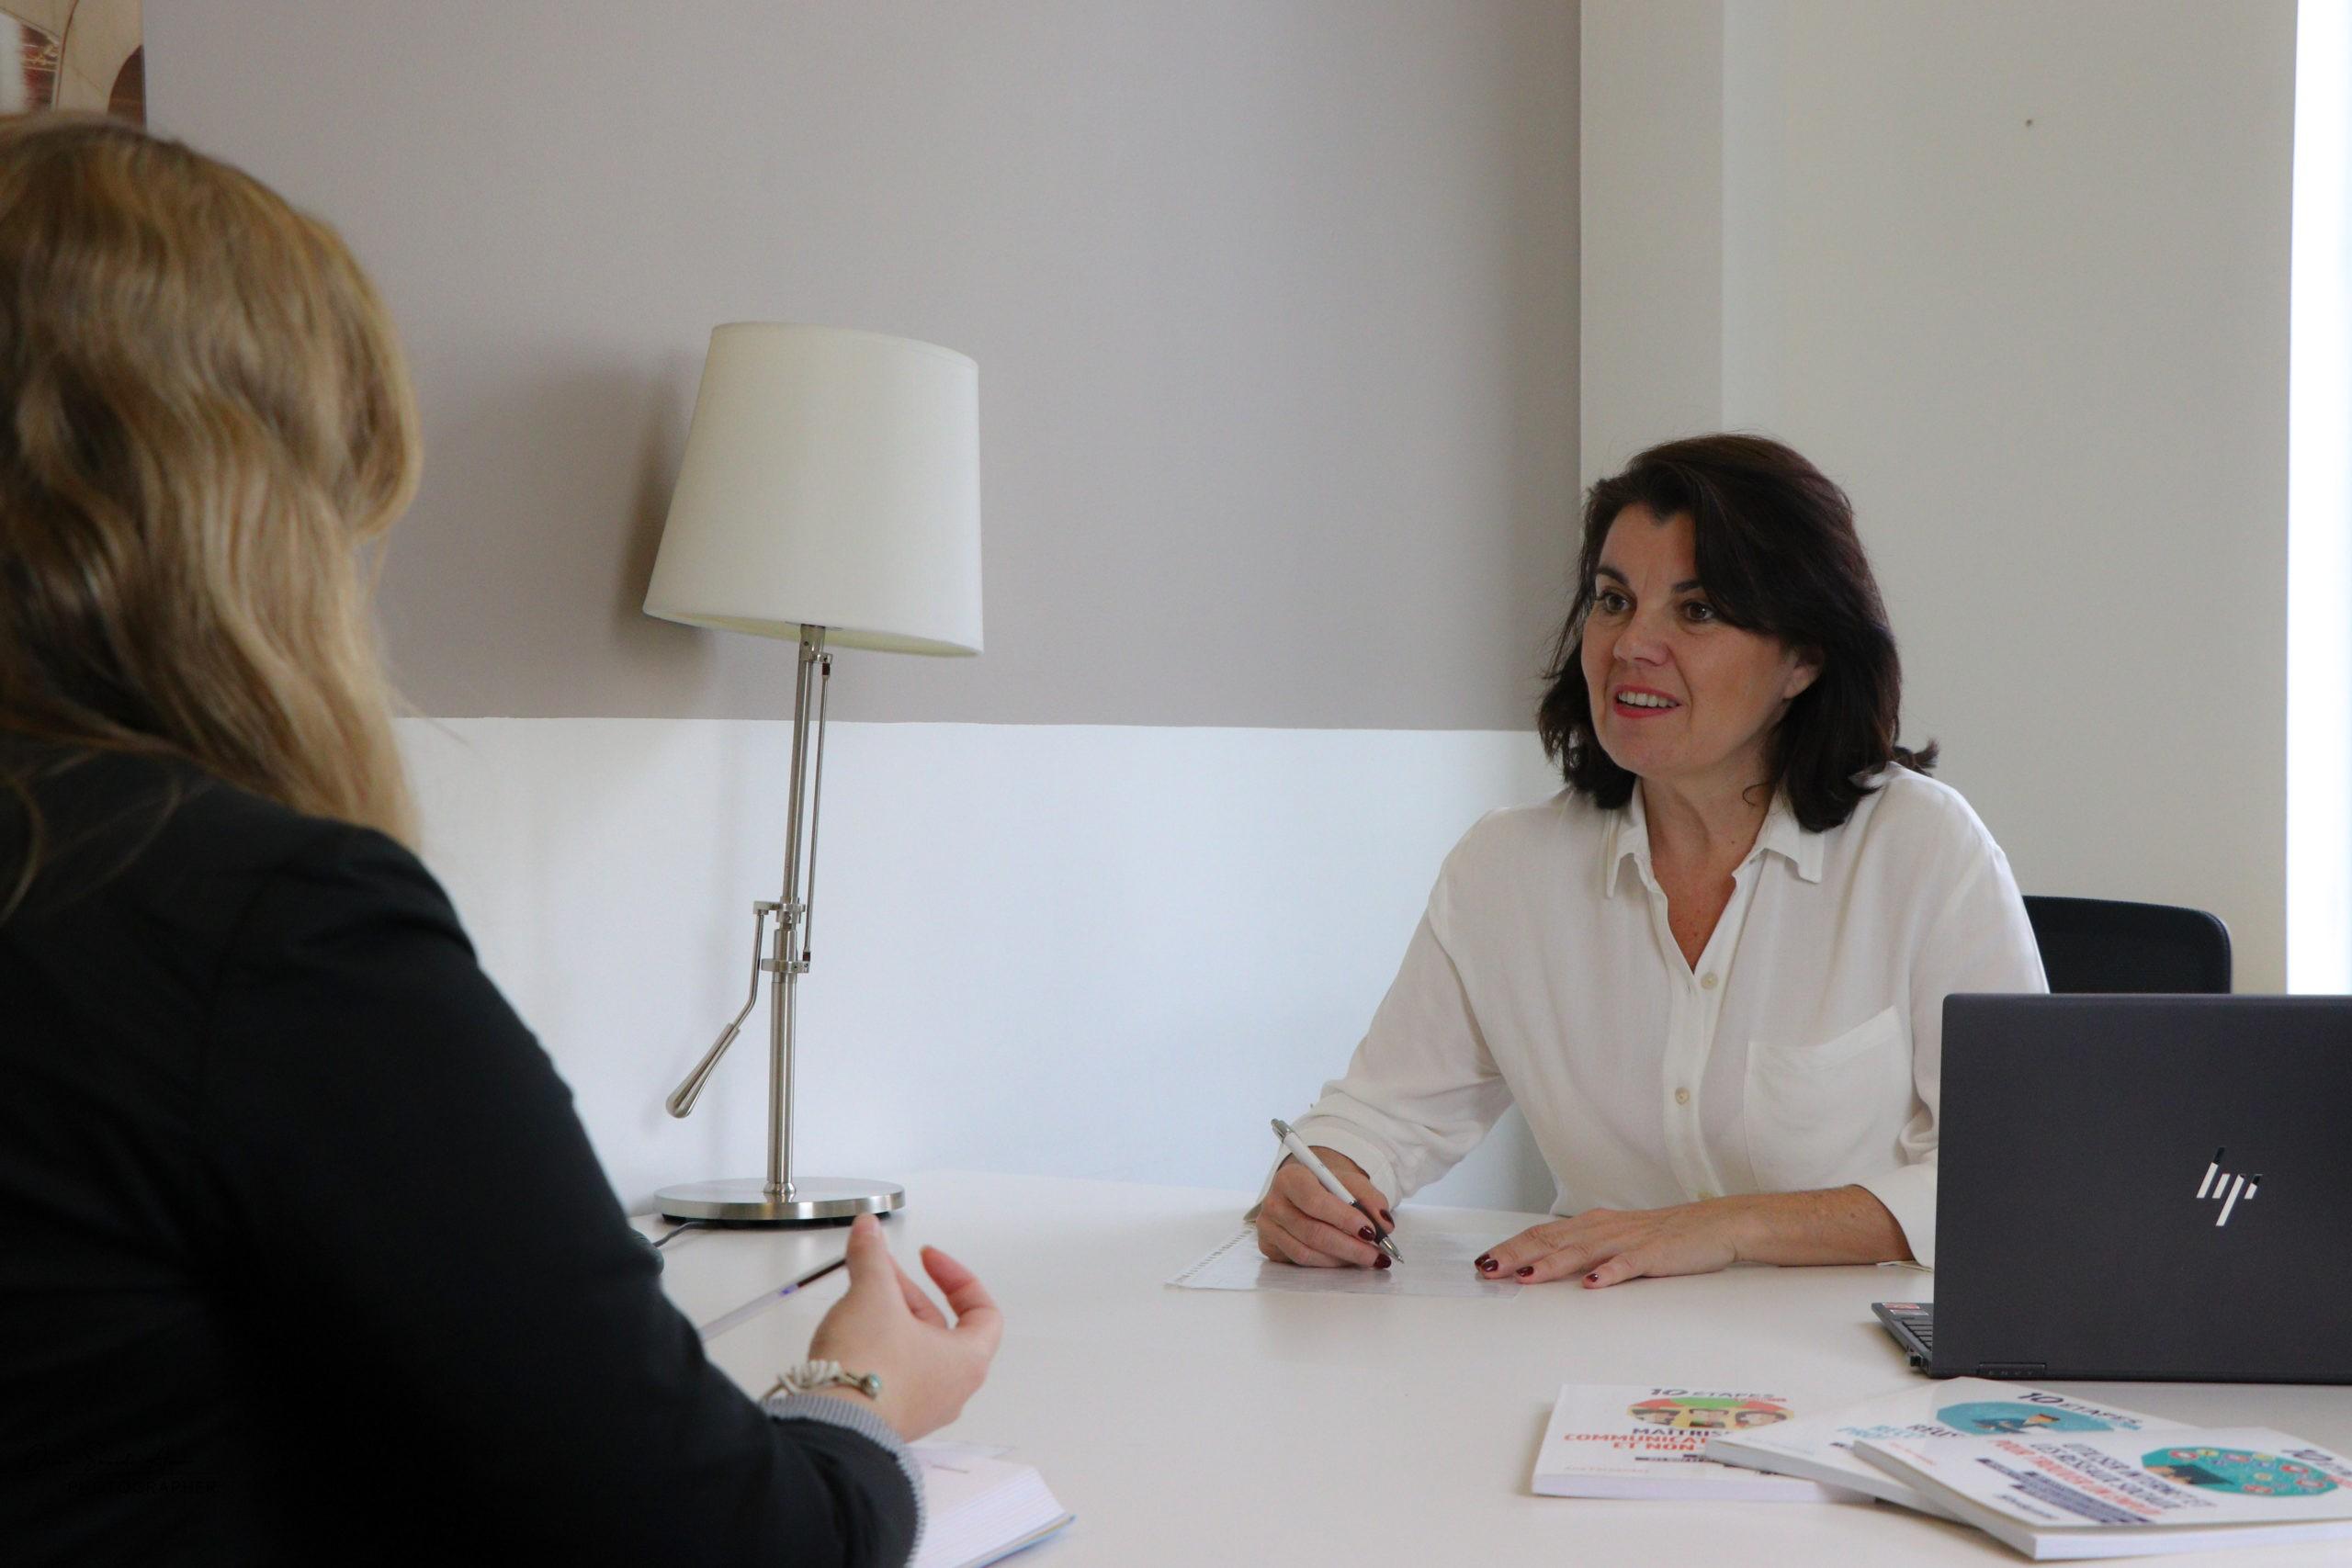 Coaching emploi carrières Ana Fernandez coach professionnelle